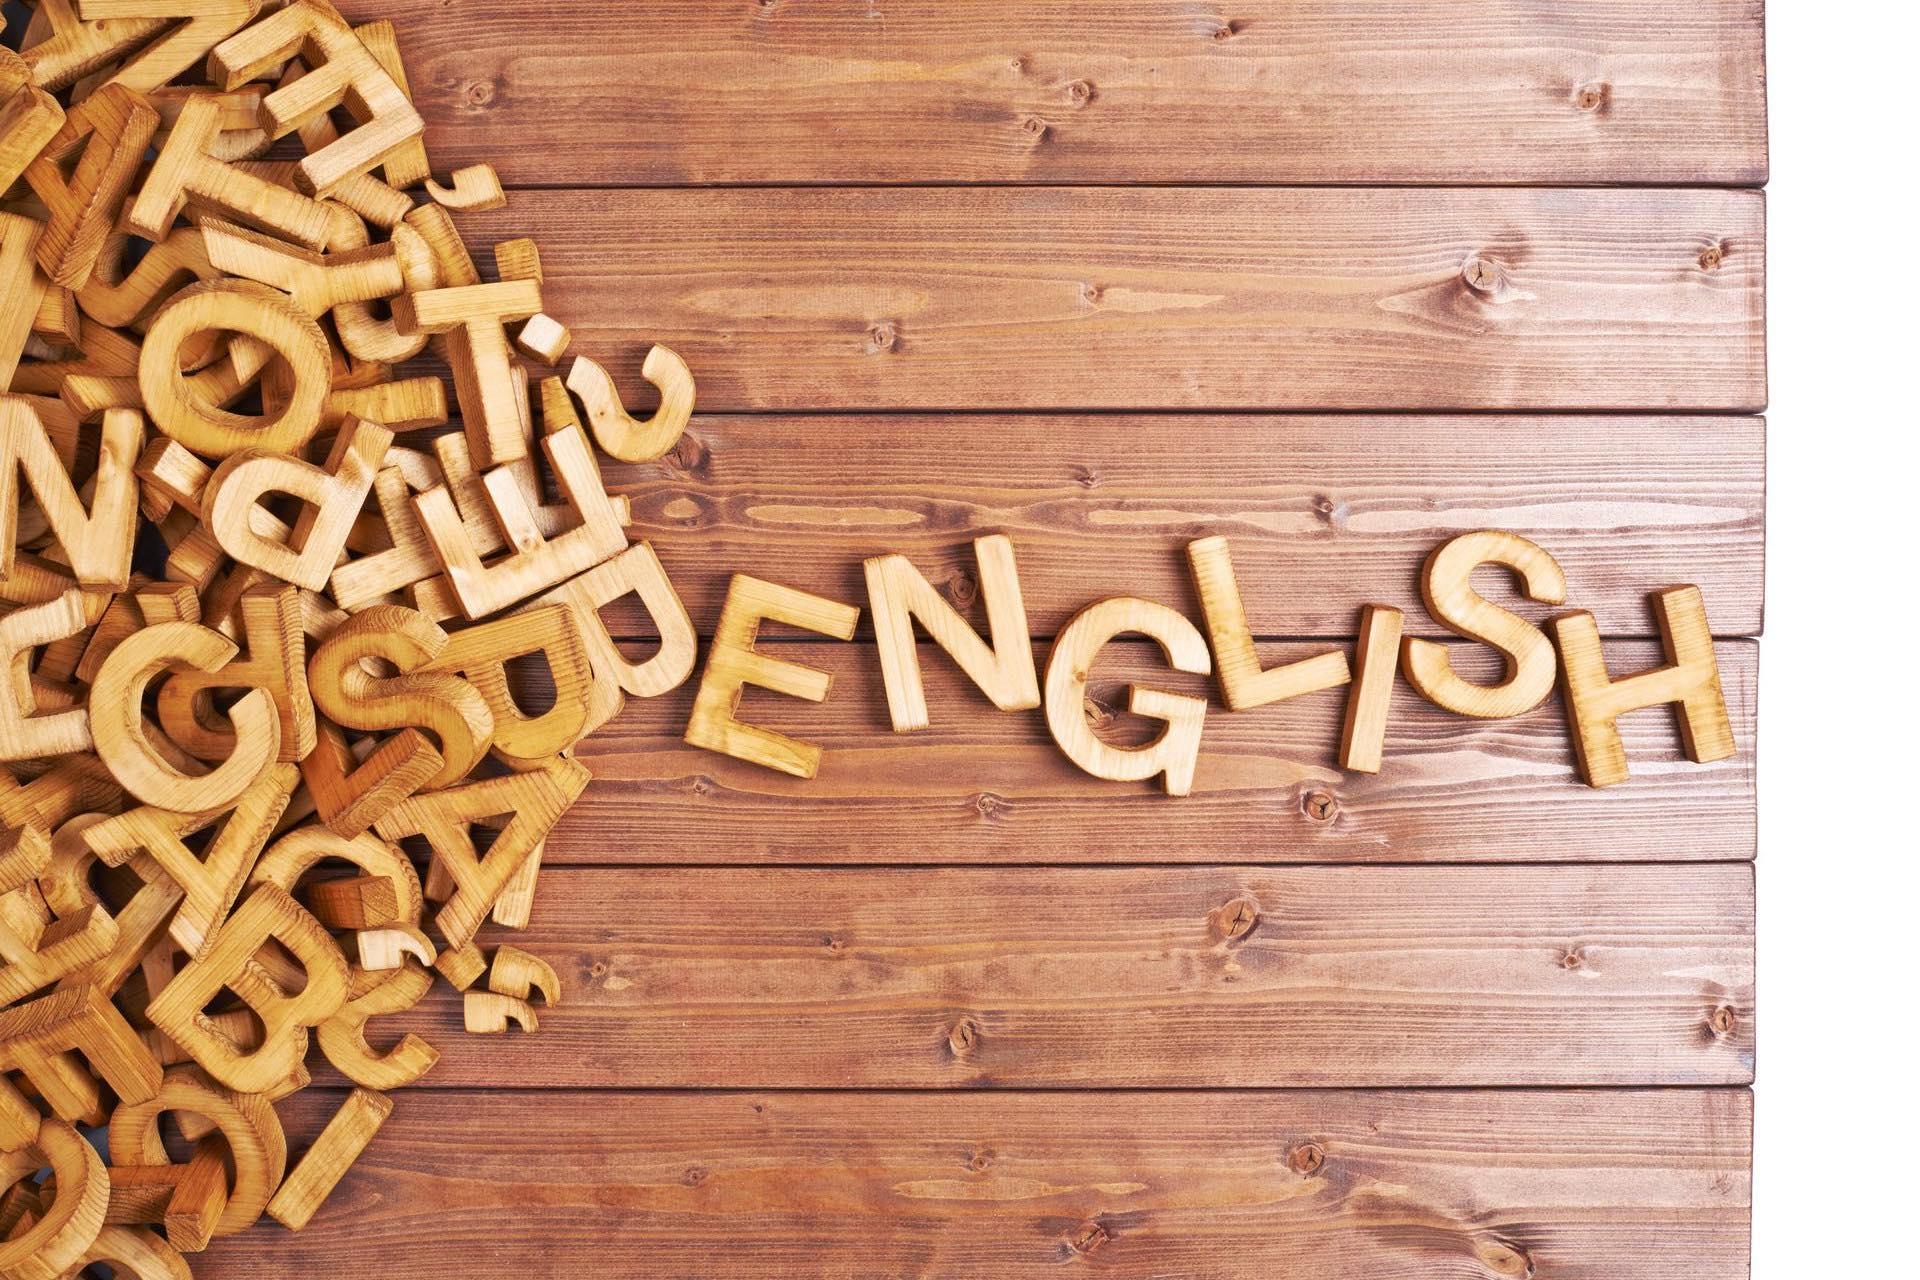 【海外工作系列】四點表達技巧,讓母語非英文的妳也能用英文輕鬆展現專業